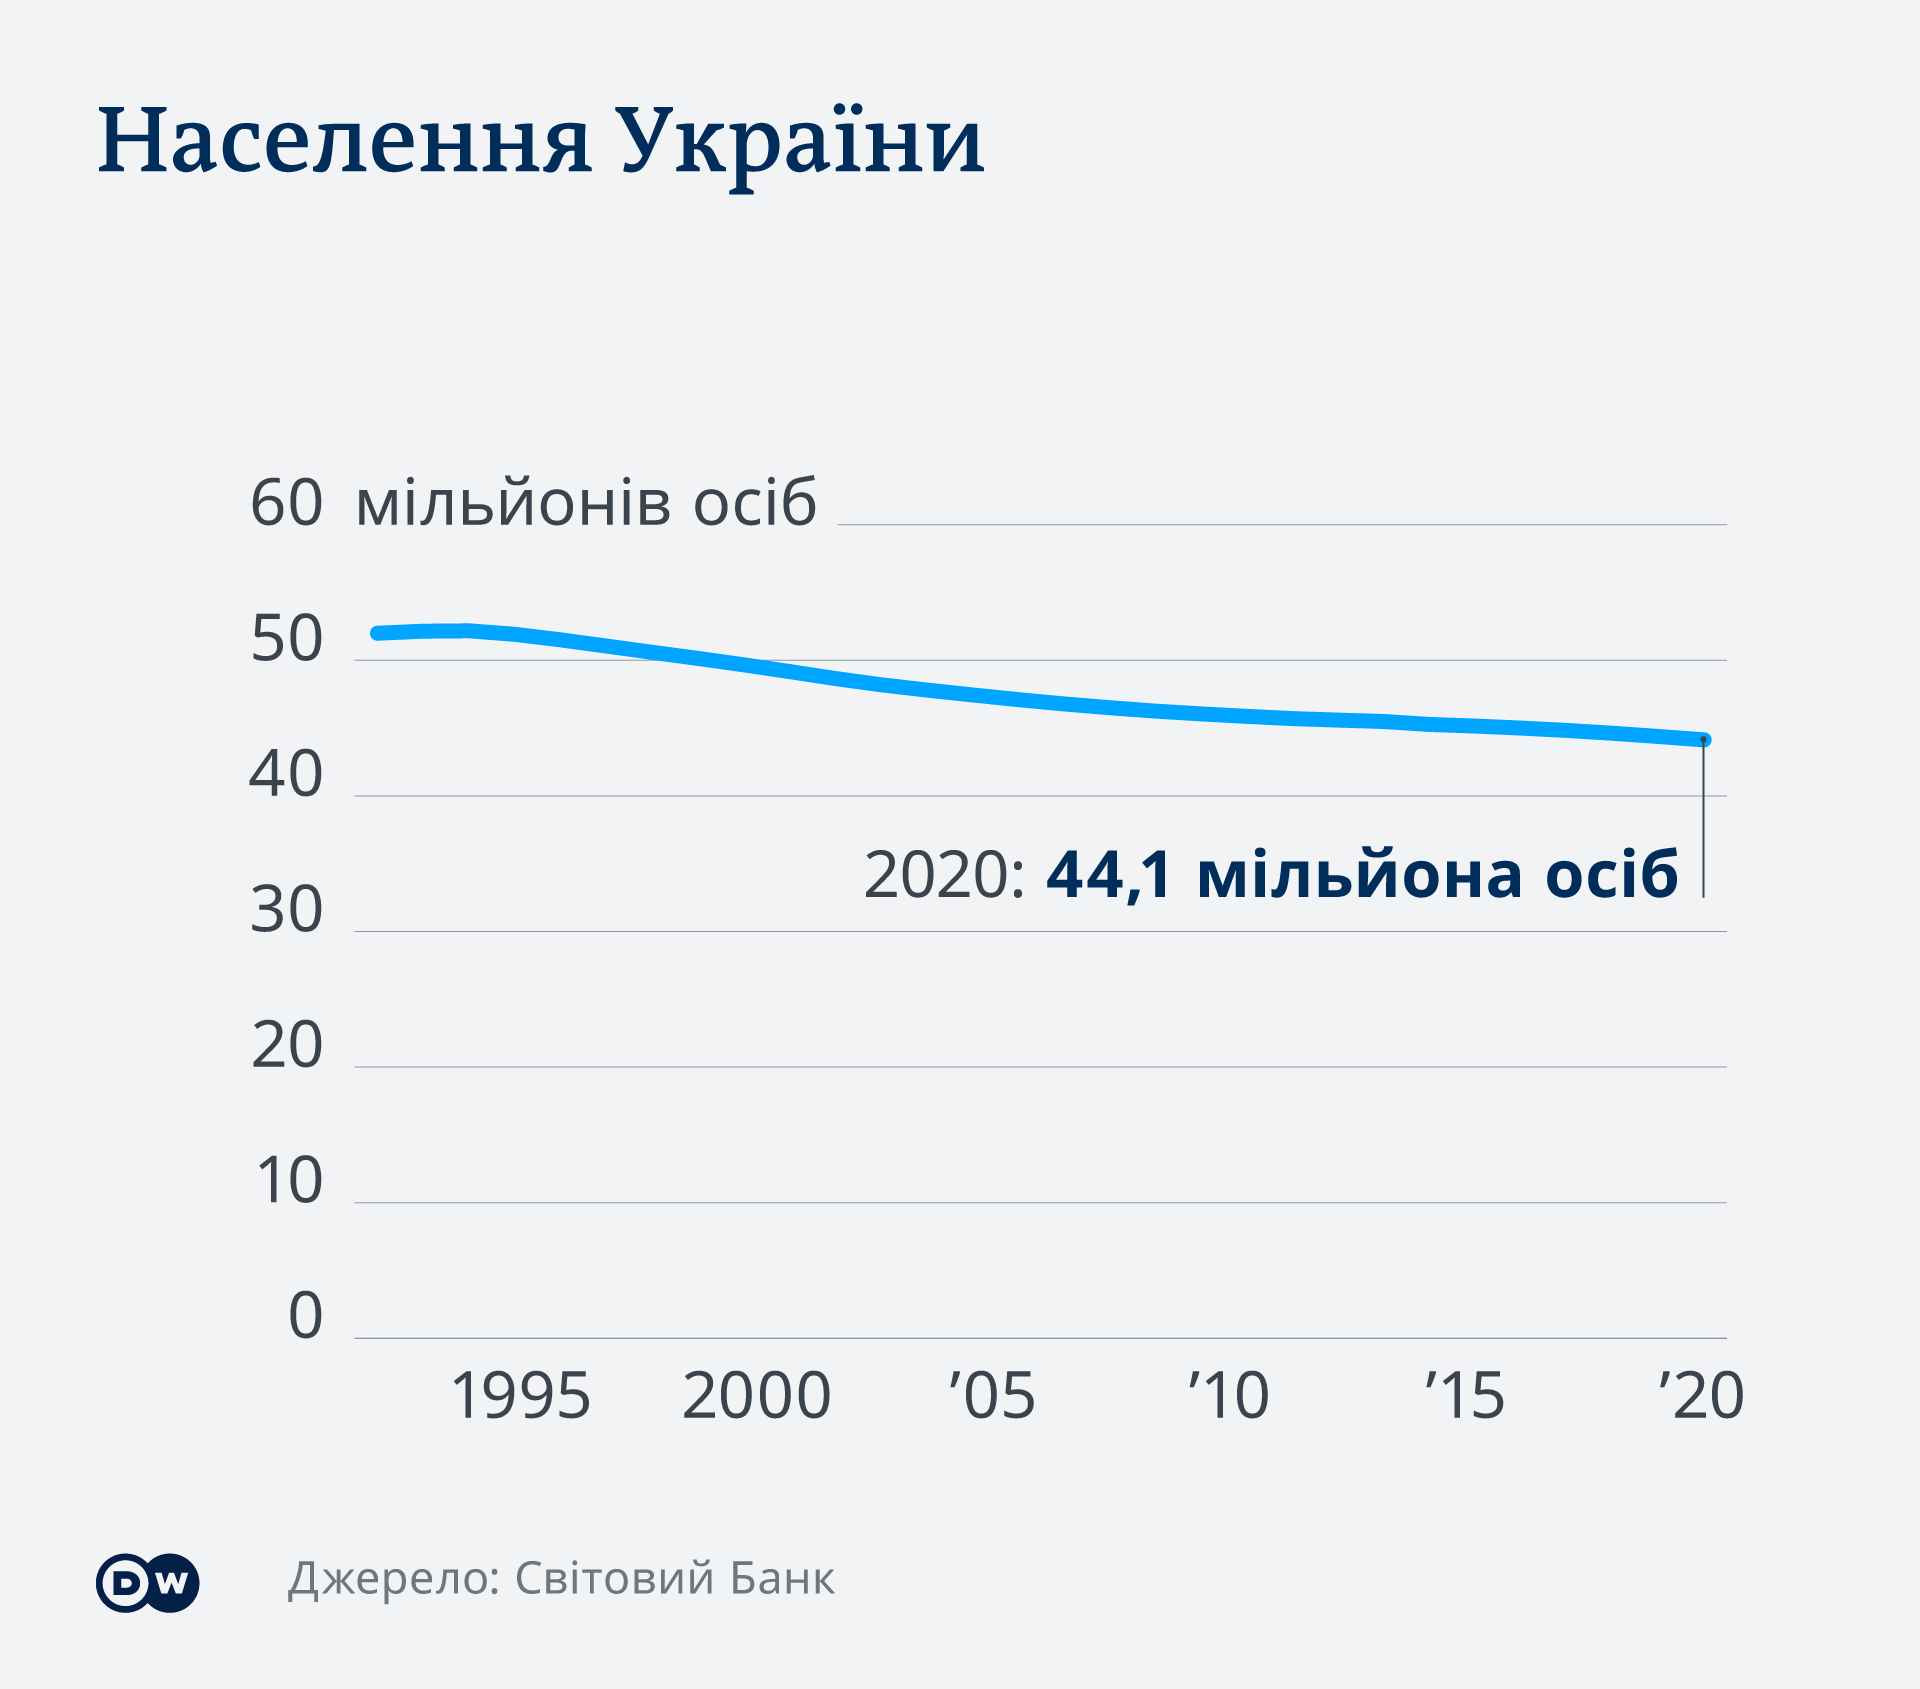 Населення України від моменту оголошення незалежності і до 2020 року